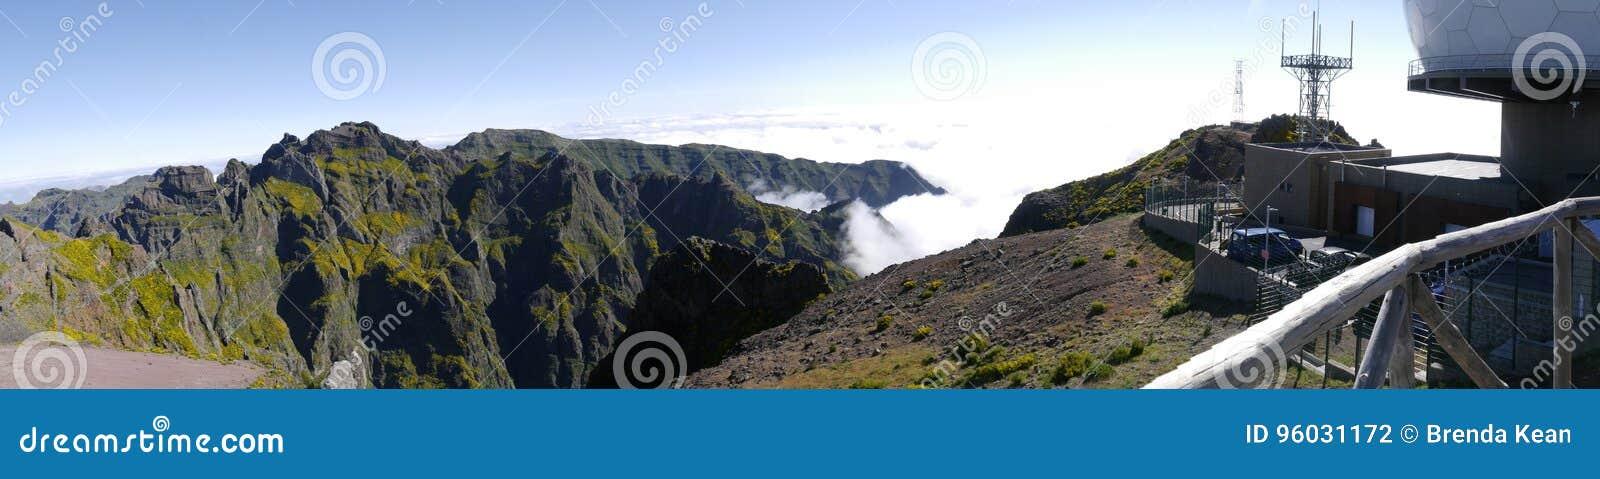 Радиолокационная станция противовоздушнаяа оборона на Pico делает Arieiro, на 1.818 m высокий, самая высокая вершина ` s третьего